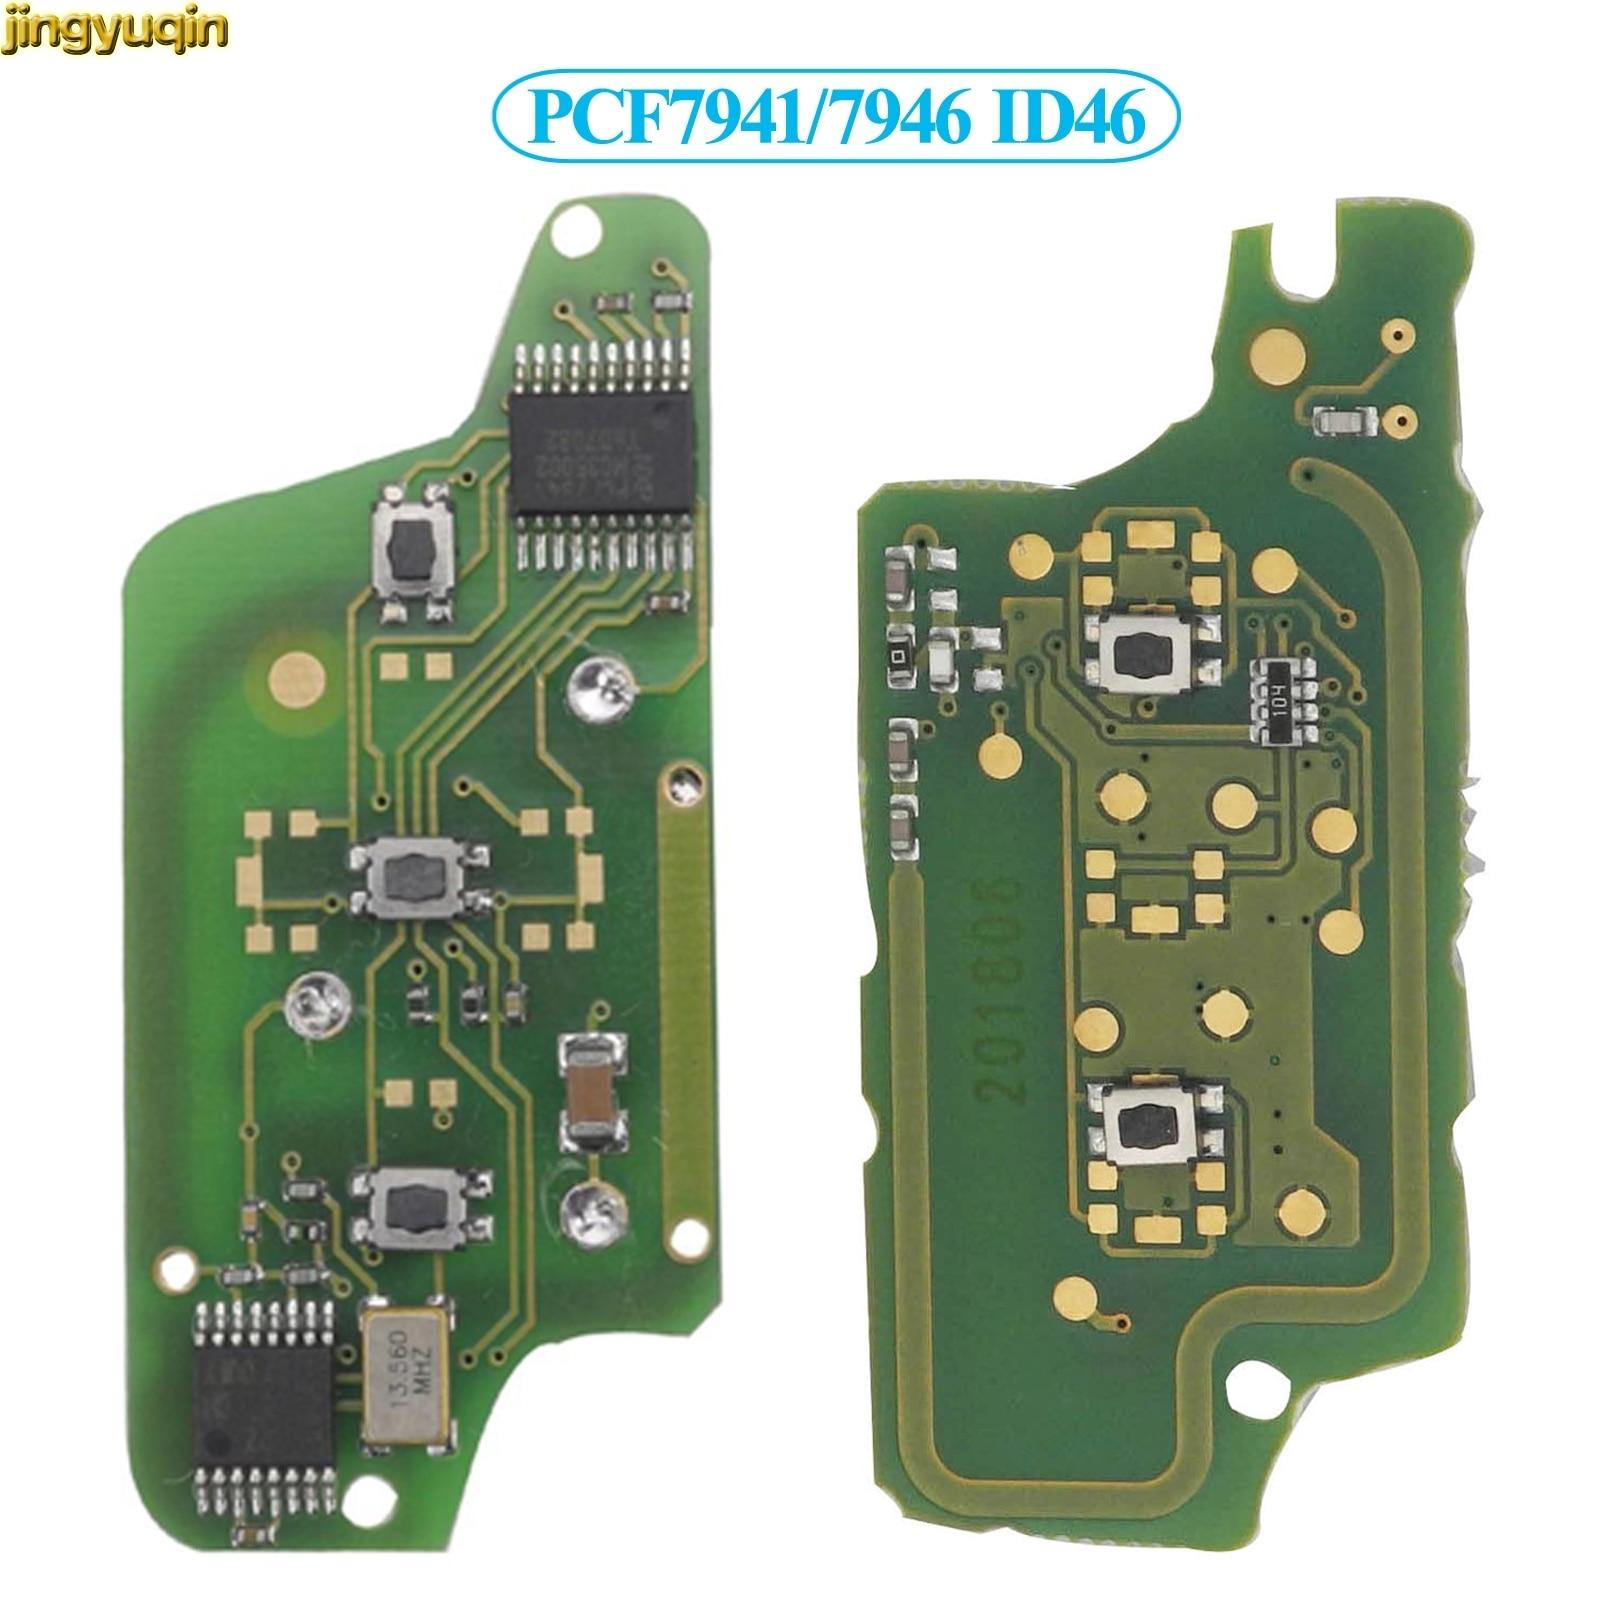 Jingyuqin 10px remoto/FSK llave de coche junta para Peugeot 207, 307, 407, 607, 807 Citroen C2 C3 C4 C5 C6 PCF7941/7946 ID46 CE0523/0536